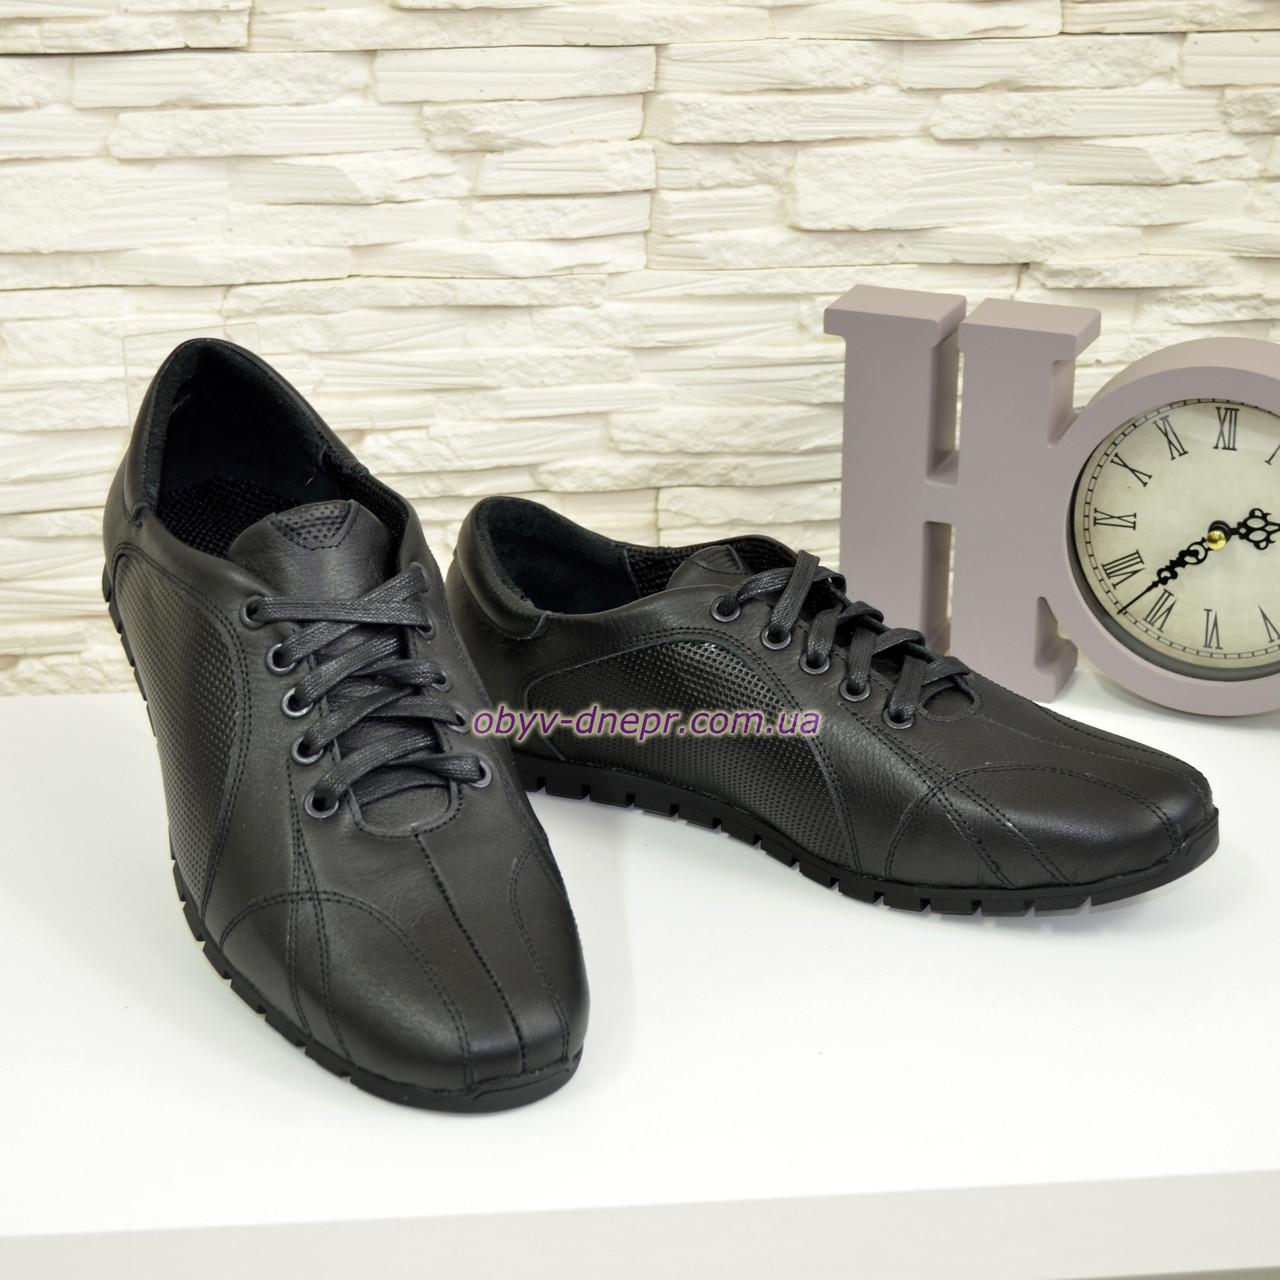 8ba687c7 Купить Туфли-кроссовки кожаные мужские комфортные, цвет черный в ...